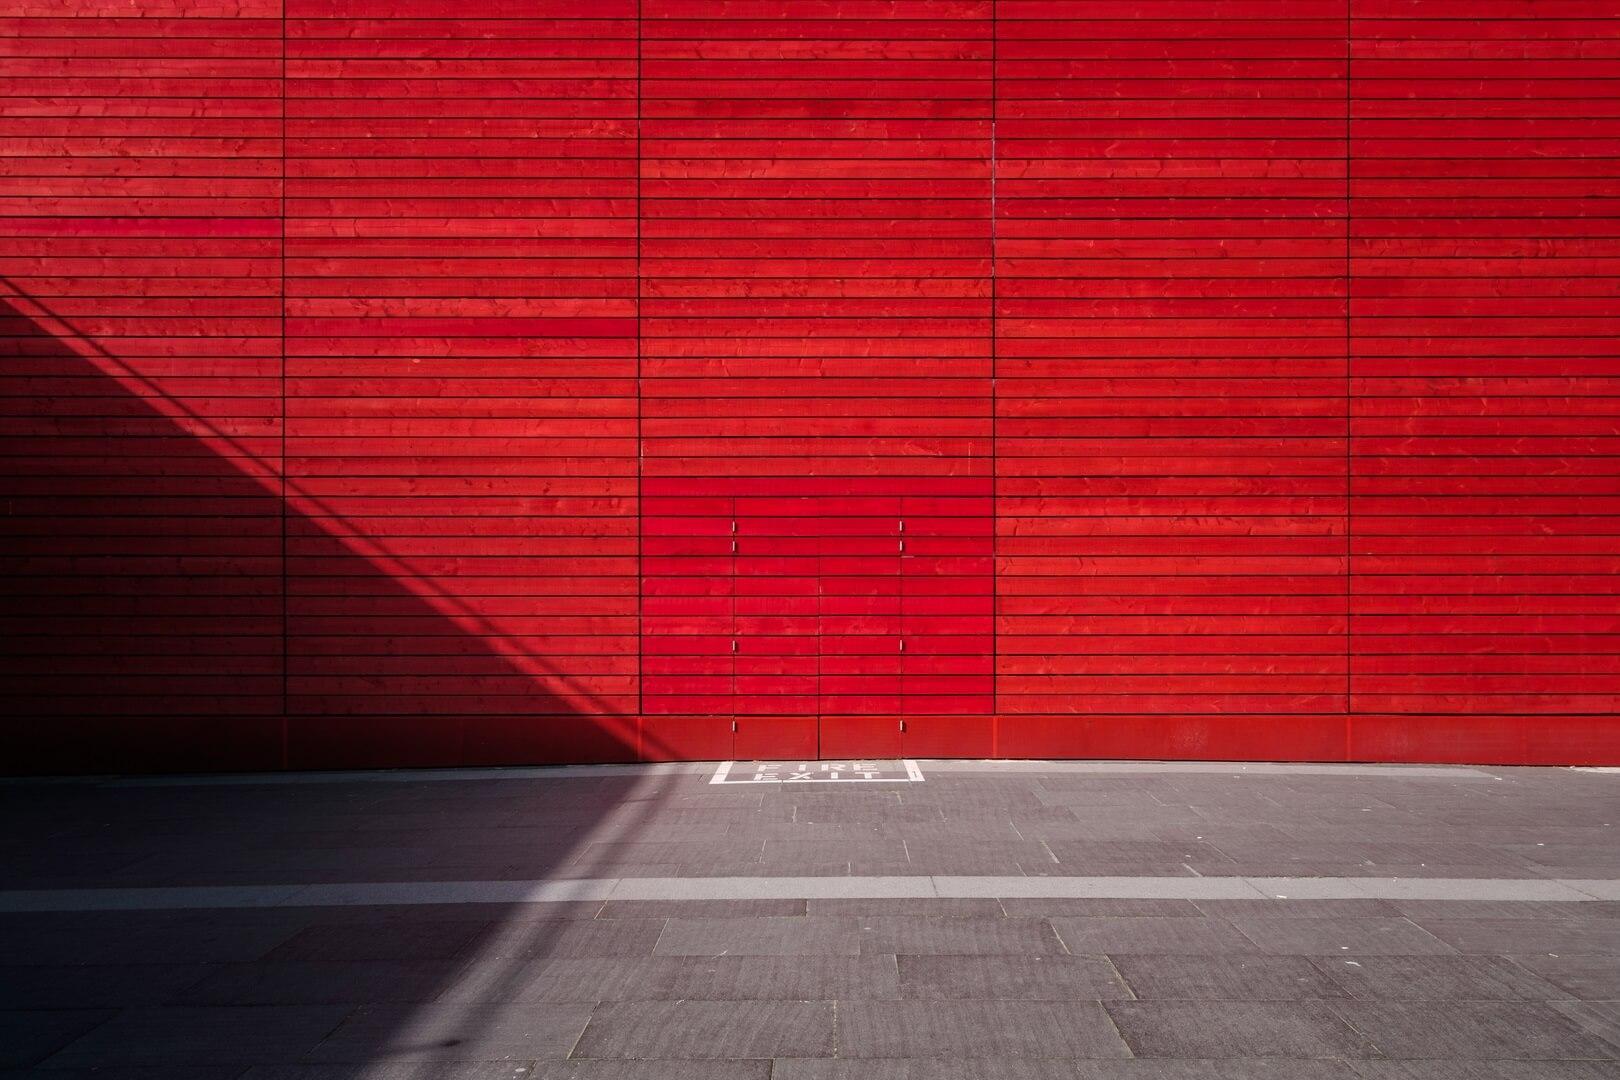 Brandschutz BCautio Brandschutzbeauftragte